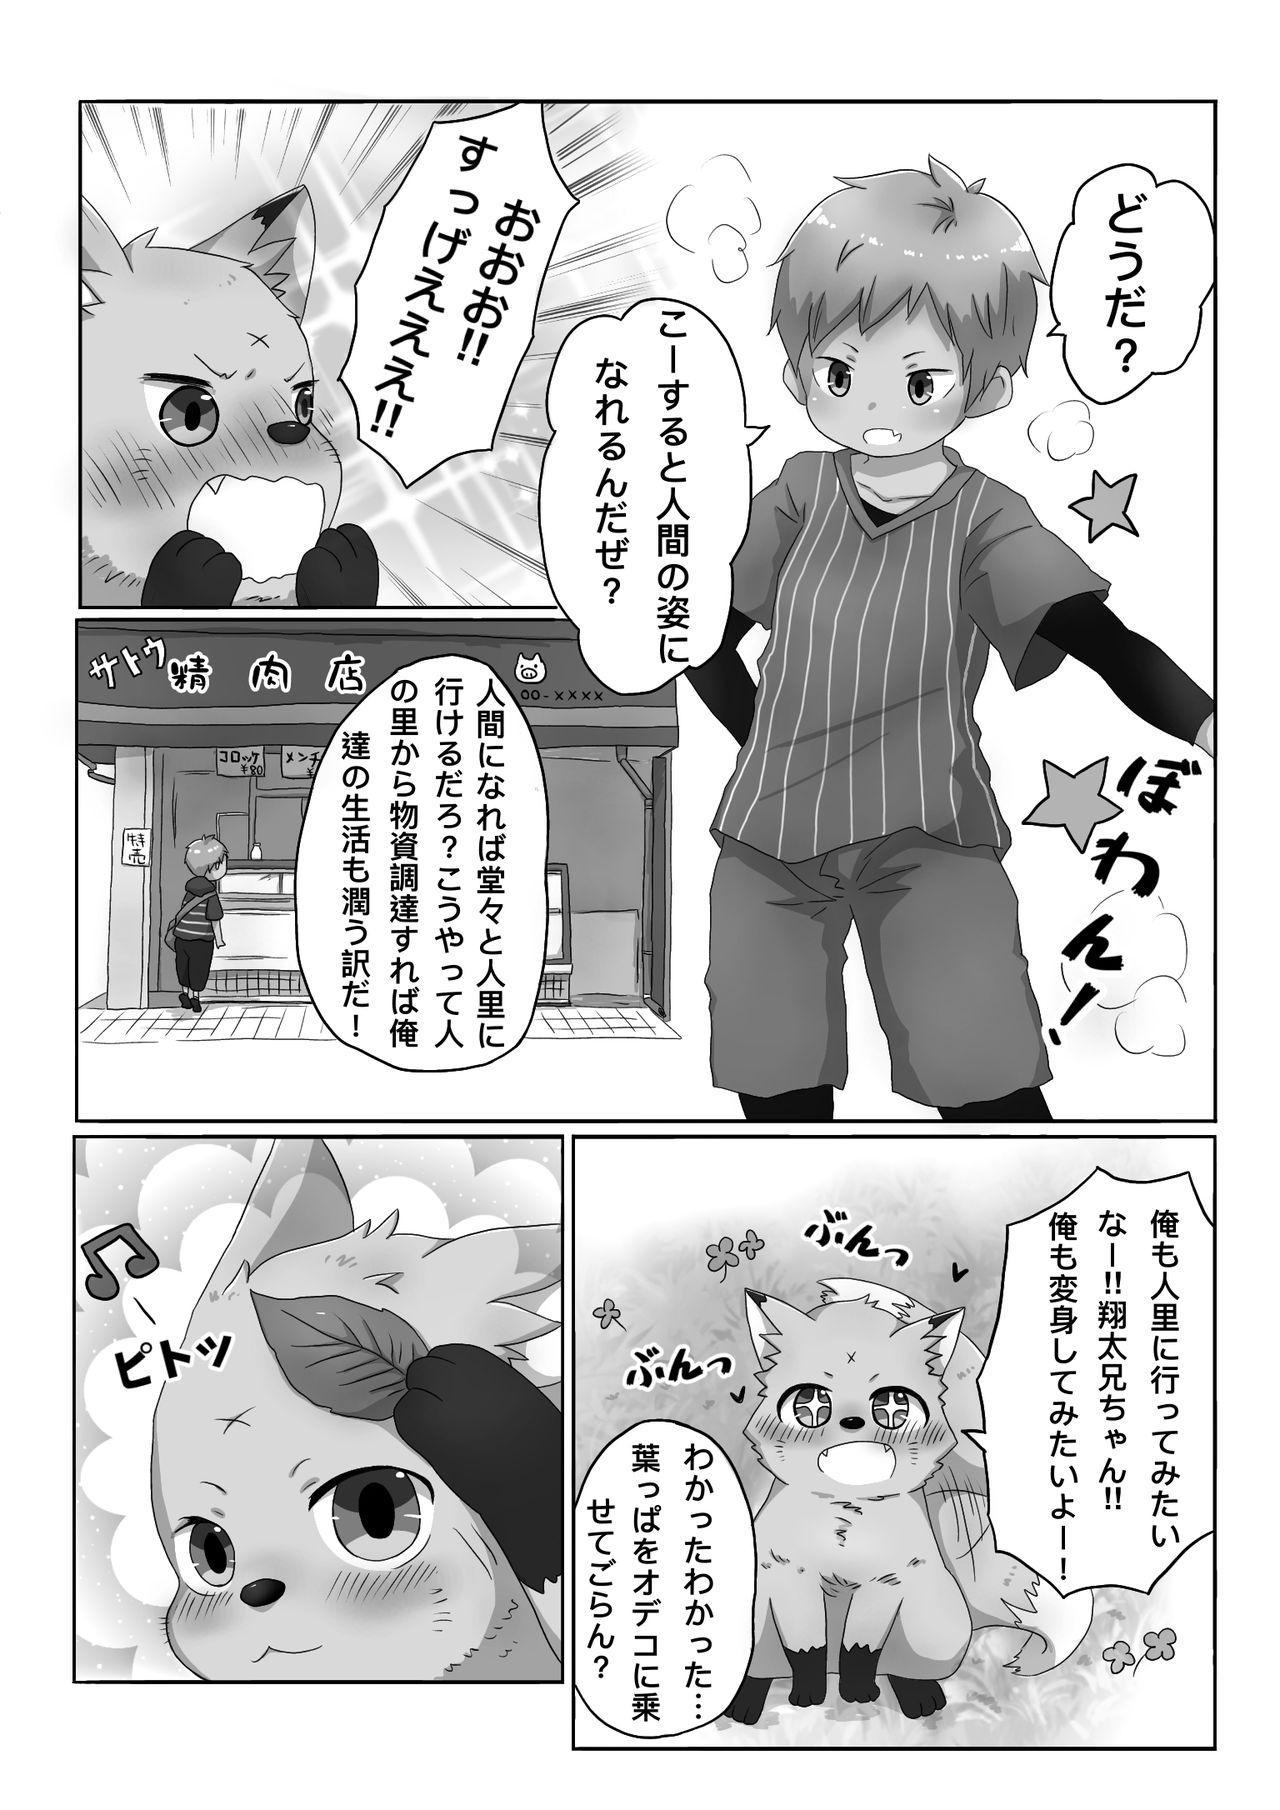 ゴロタ - 狐男児の話 1